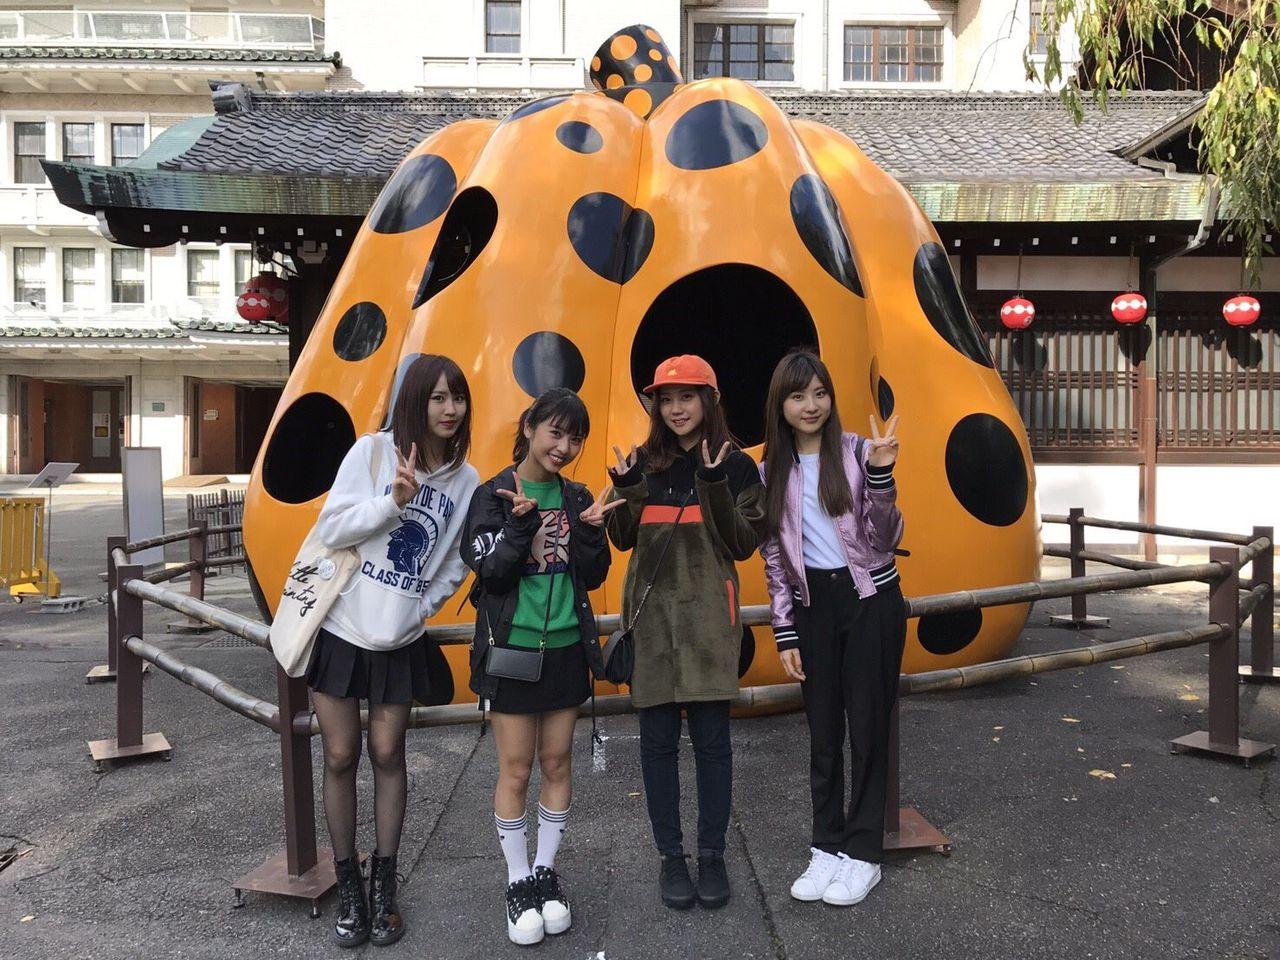 【NMB48】薮下柊とチームNの愉快な仲間たちお忍び京都デートキタ━━━━(゚∀゚)━━━━!!